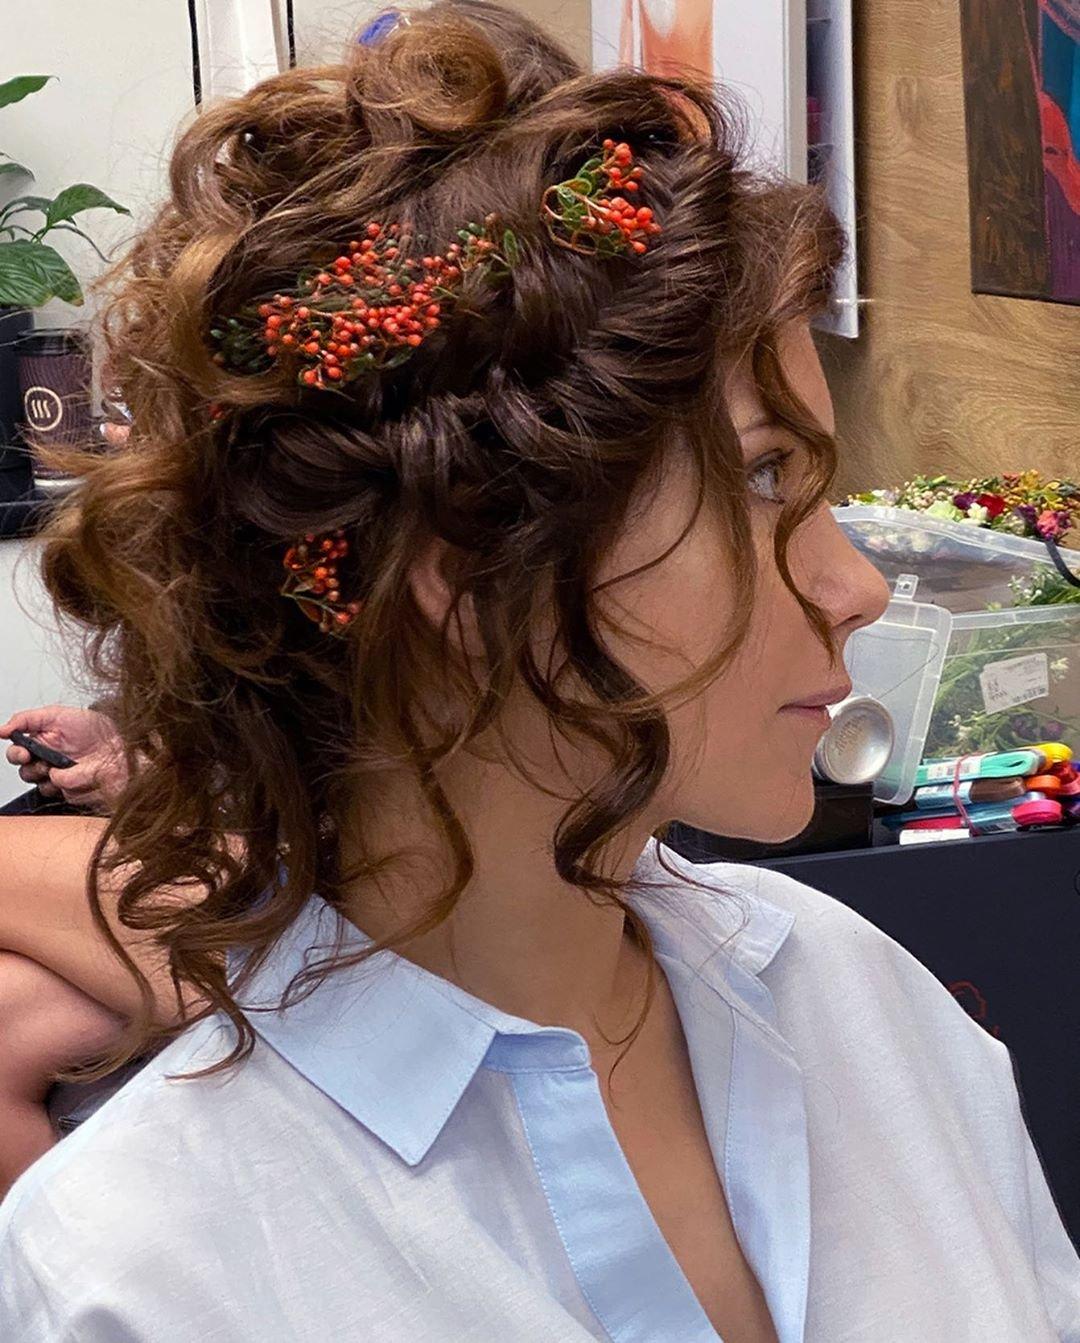 Екатерина Климова показала причёску с веточками рябины в волосах